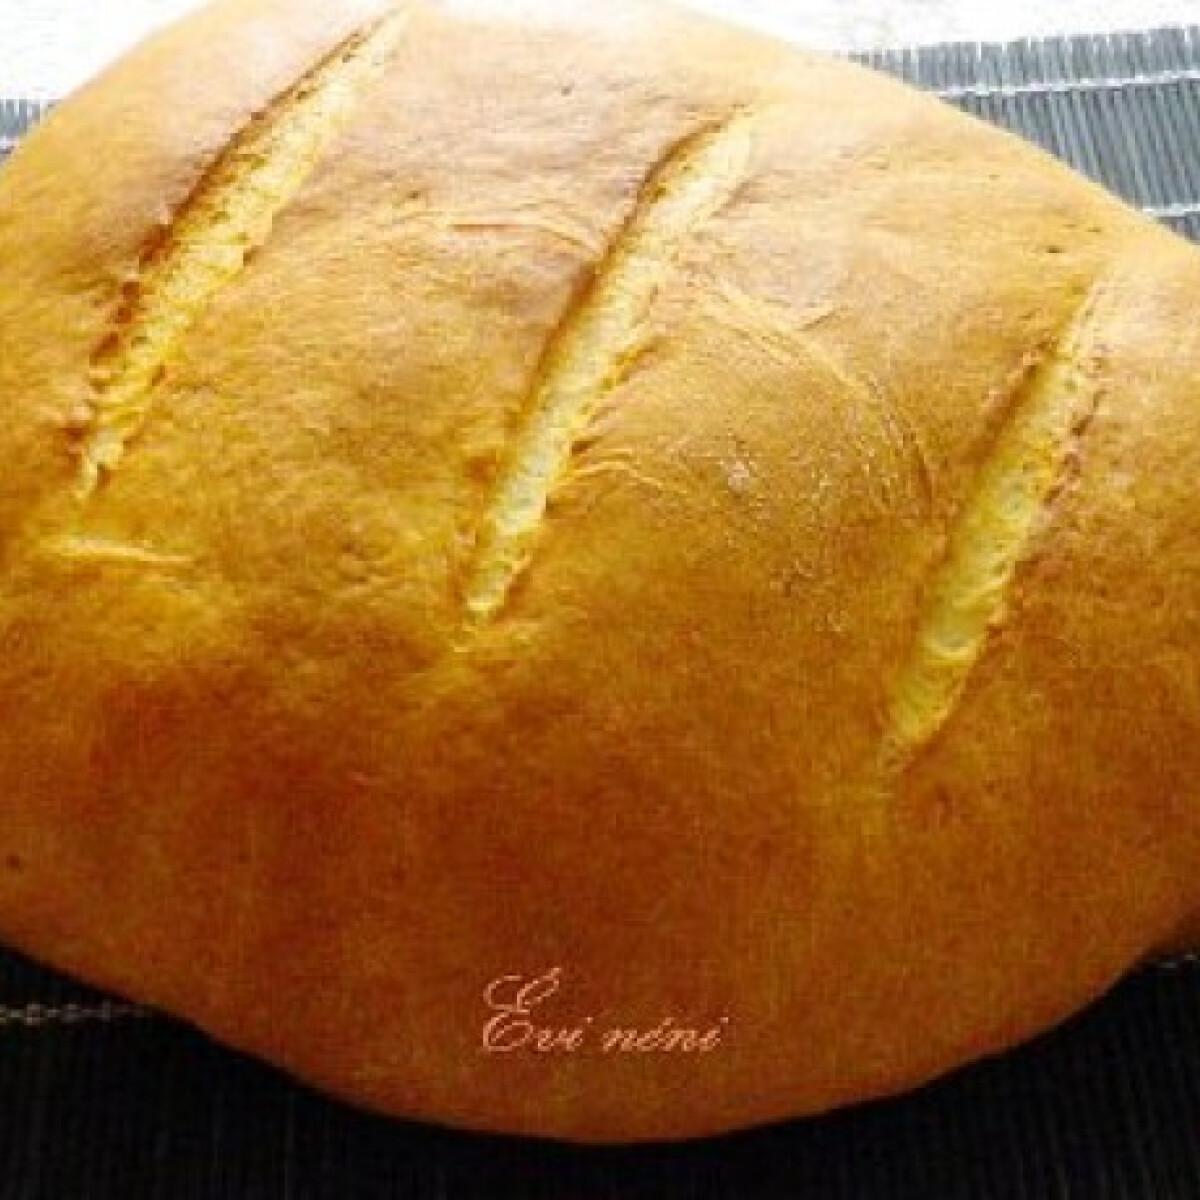 Szász búzakenyér Évi néni konyhájából